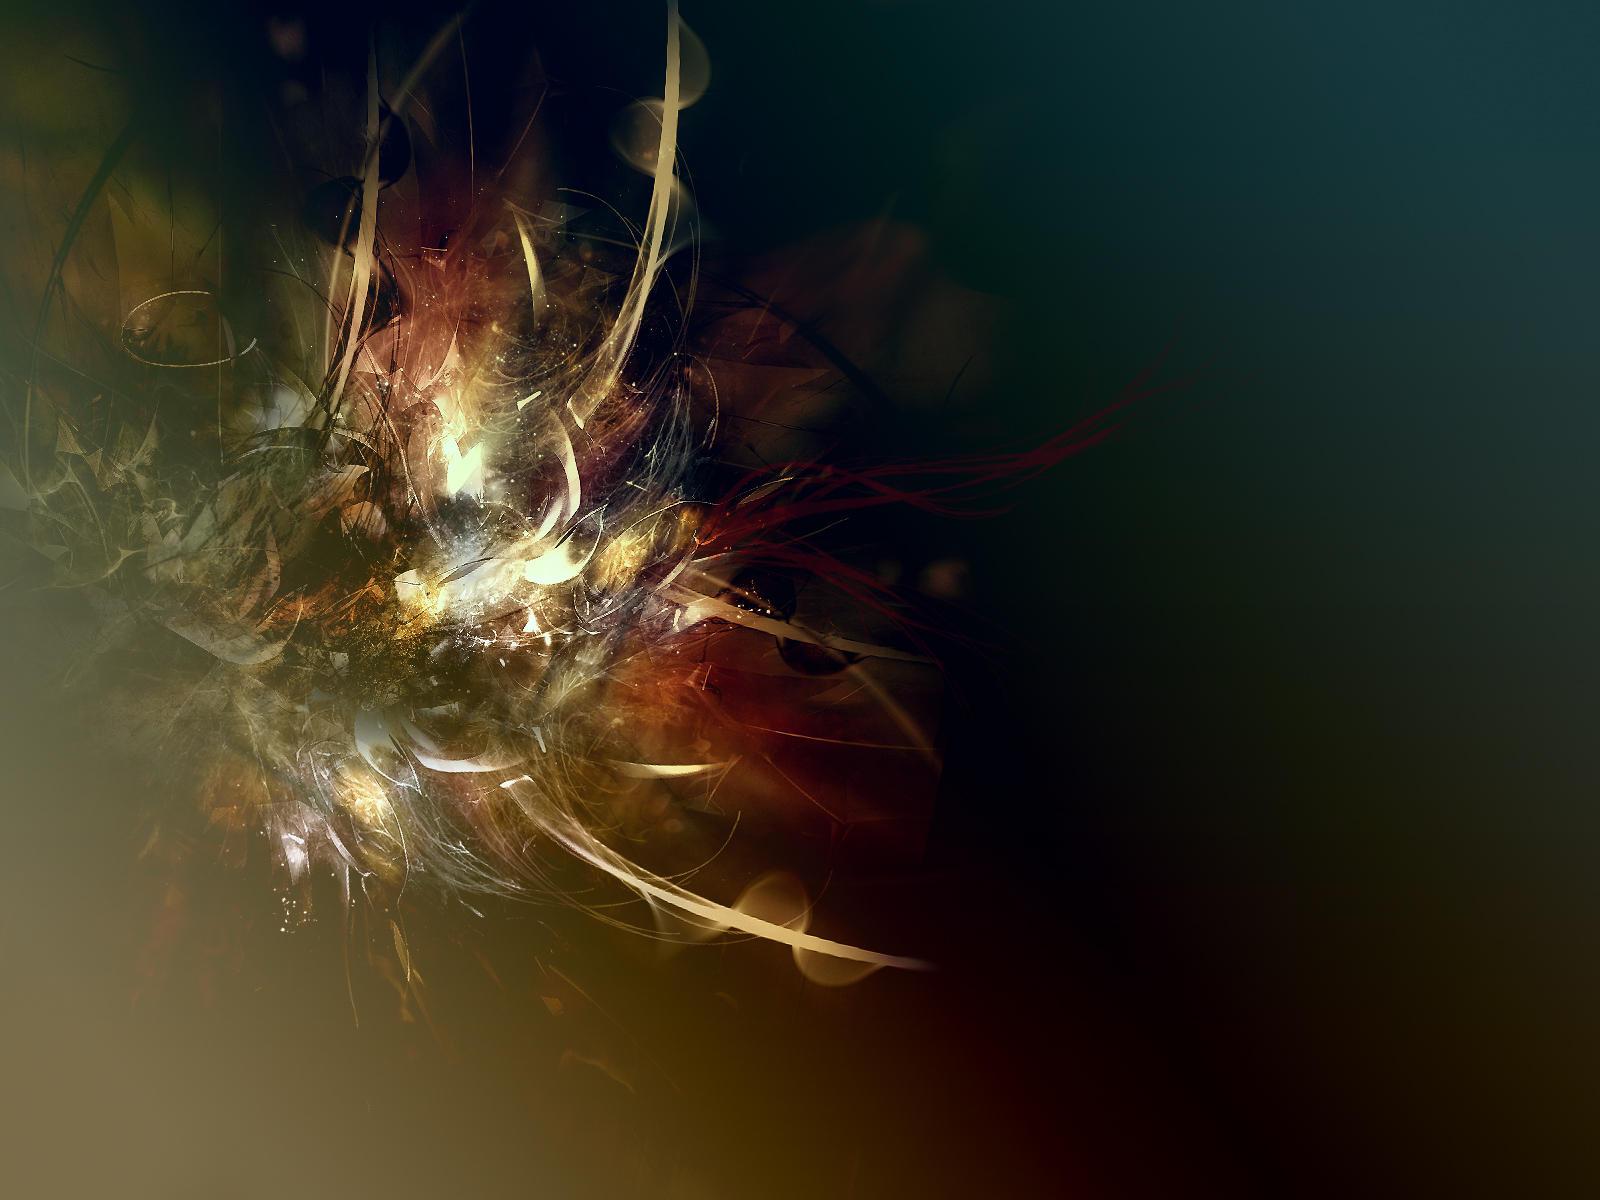 Venus de Milo by viperv6